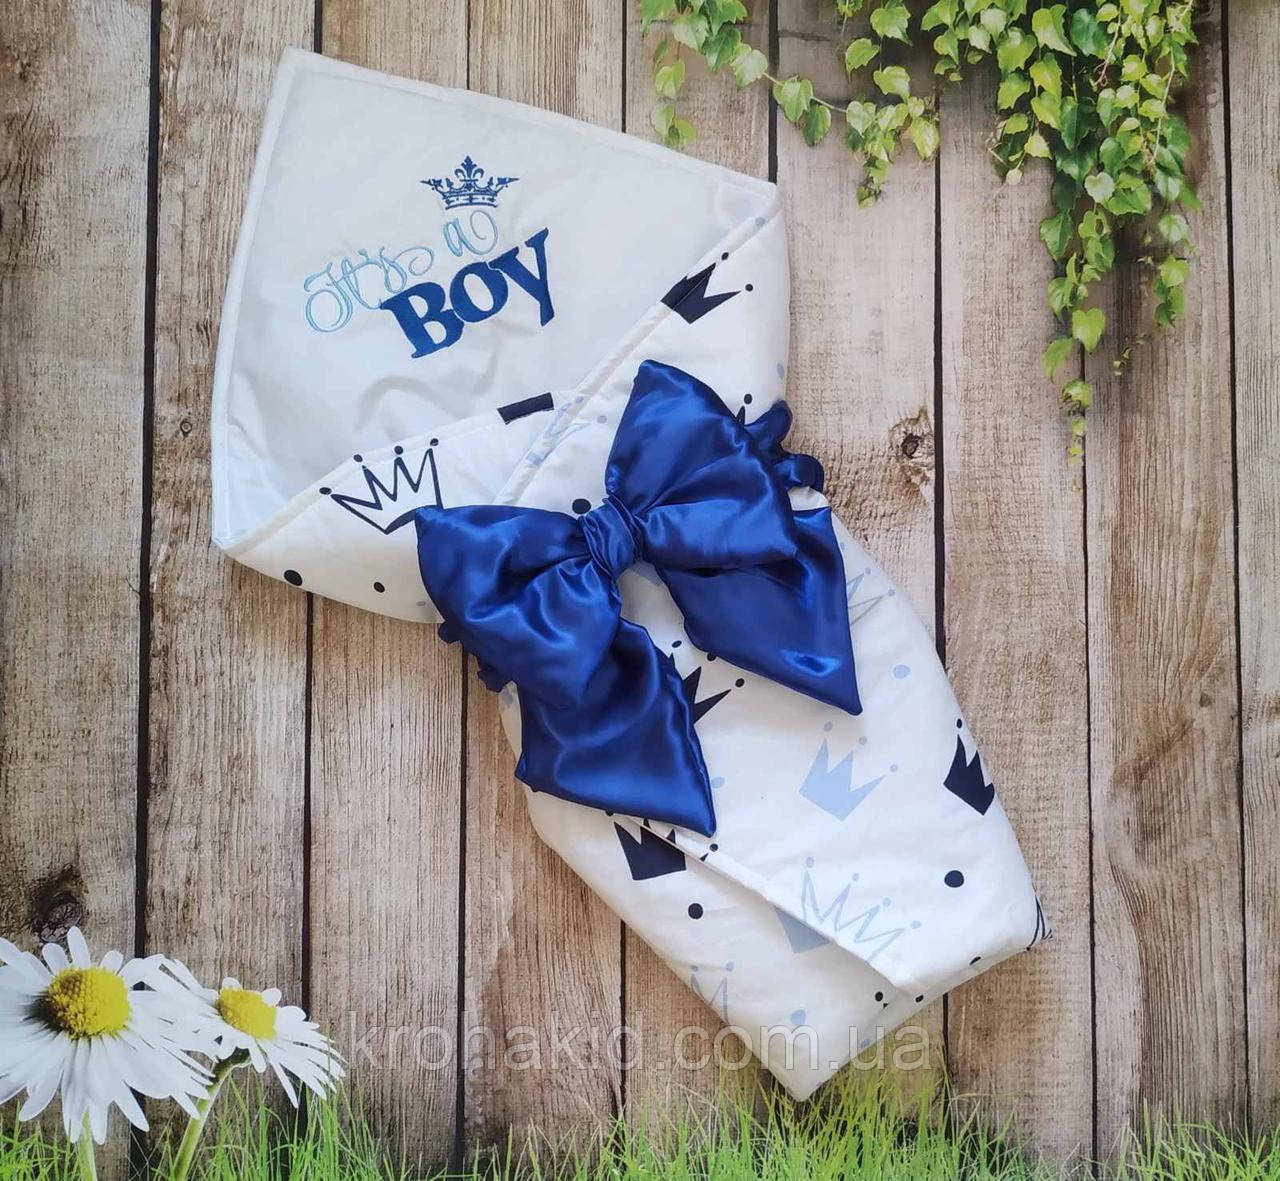 Детский летний конверт на выписку, конверт-одеяло (ЛЕТО), конверт-плед для новорожденного